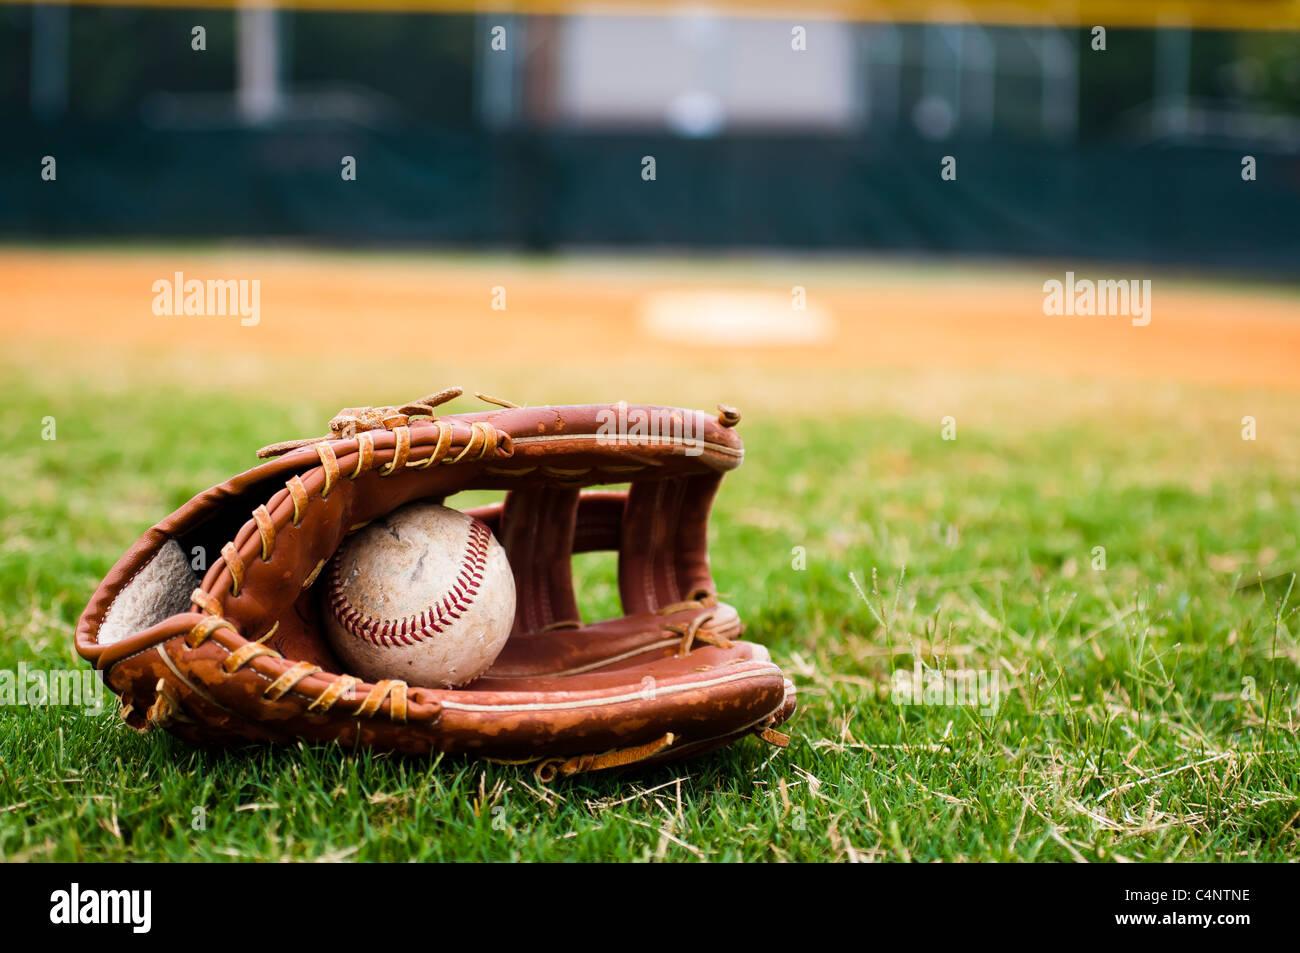 Il baseball in guanto sul campo con base fuori campo lato e in background. Immagini Stock